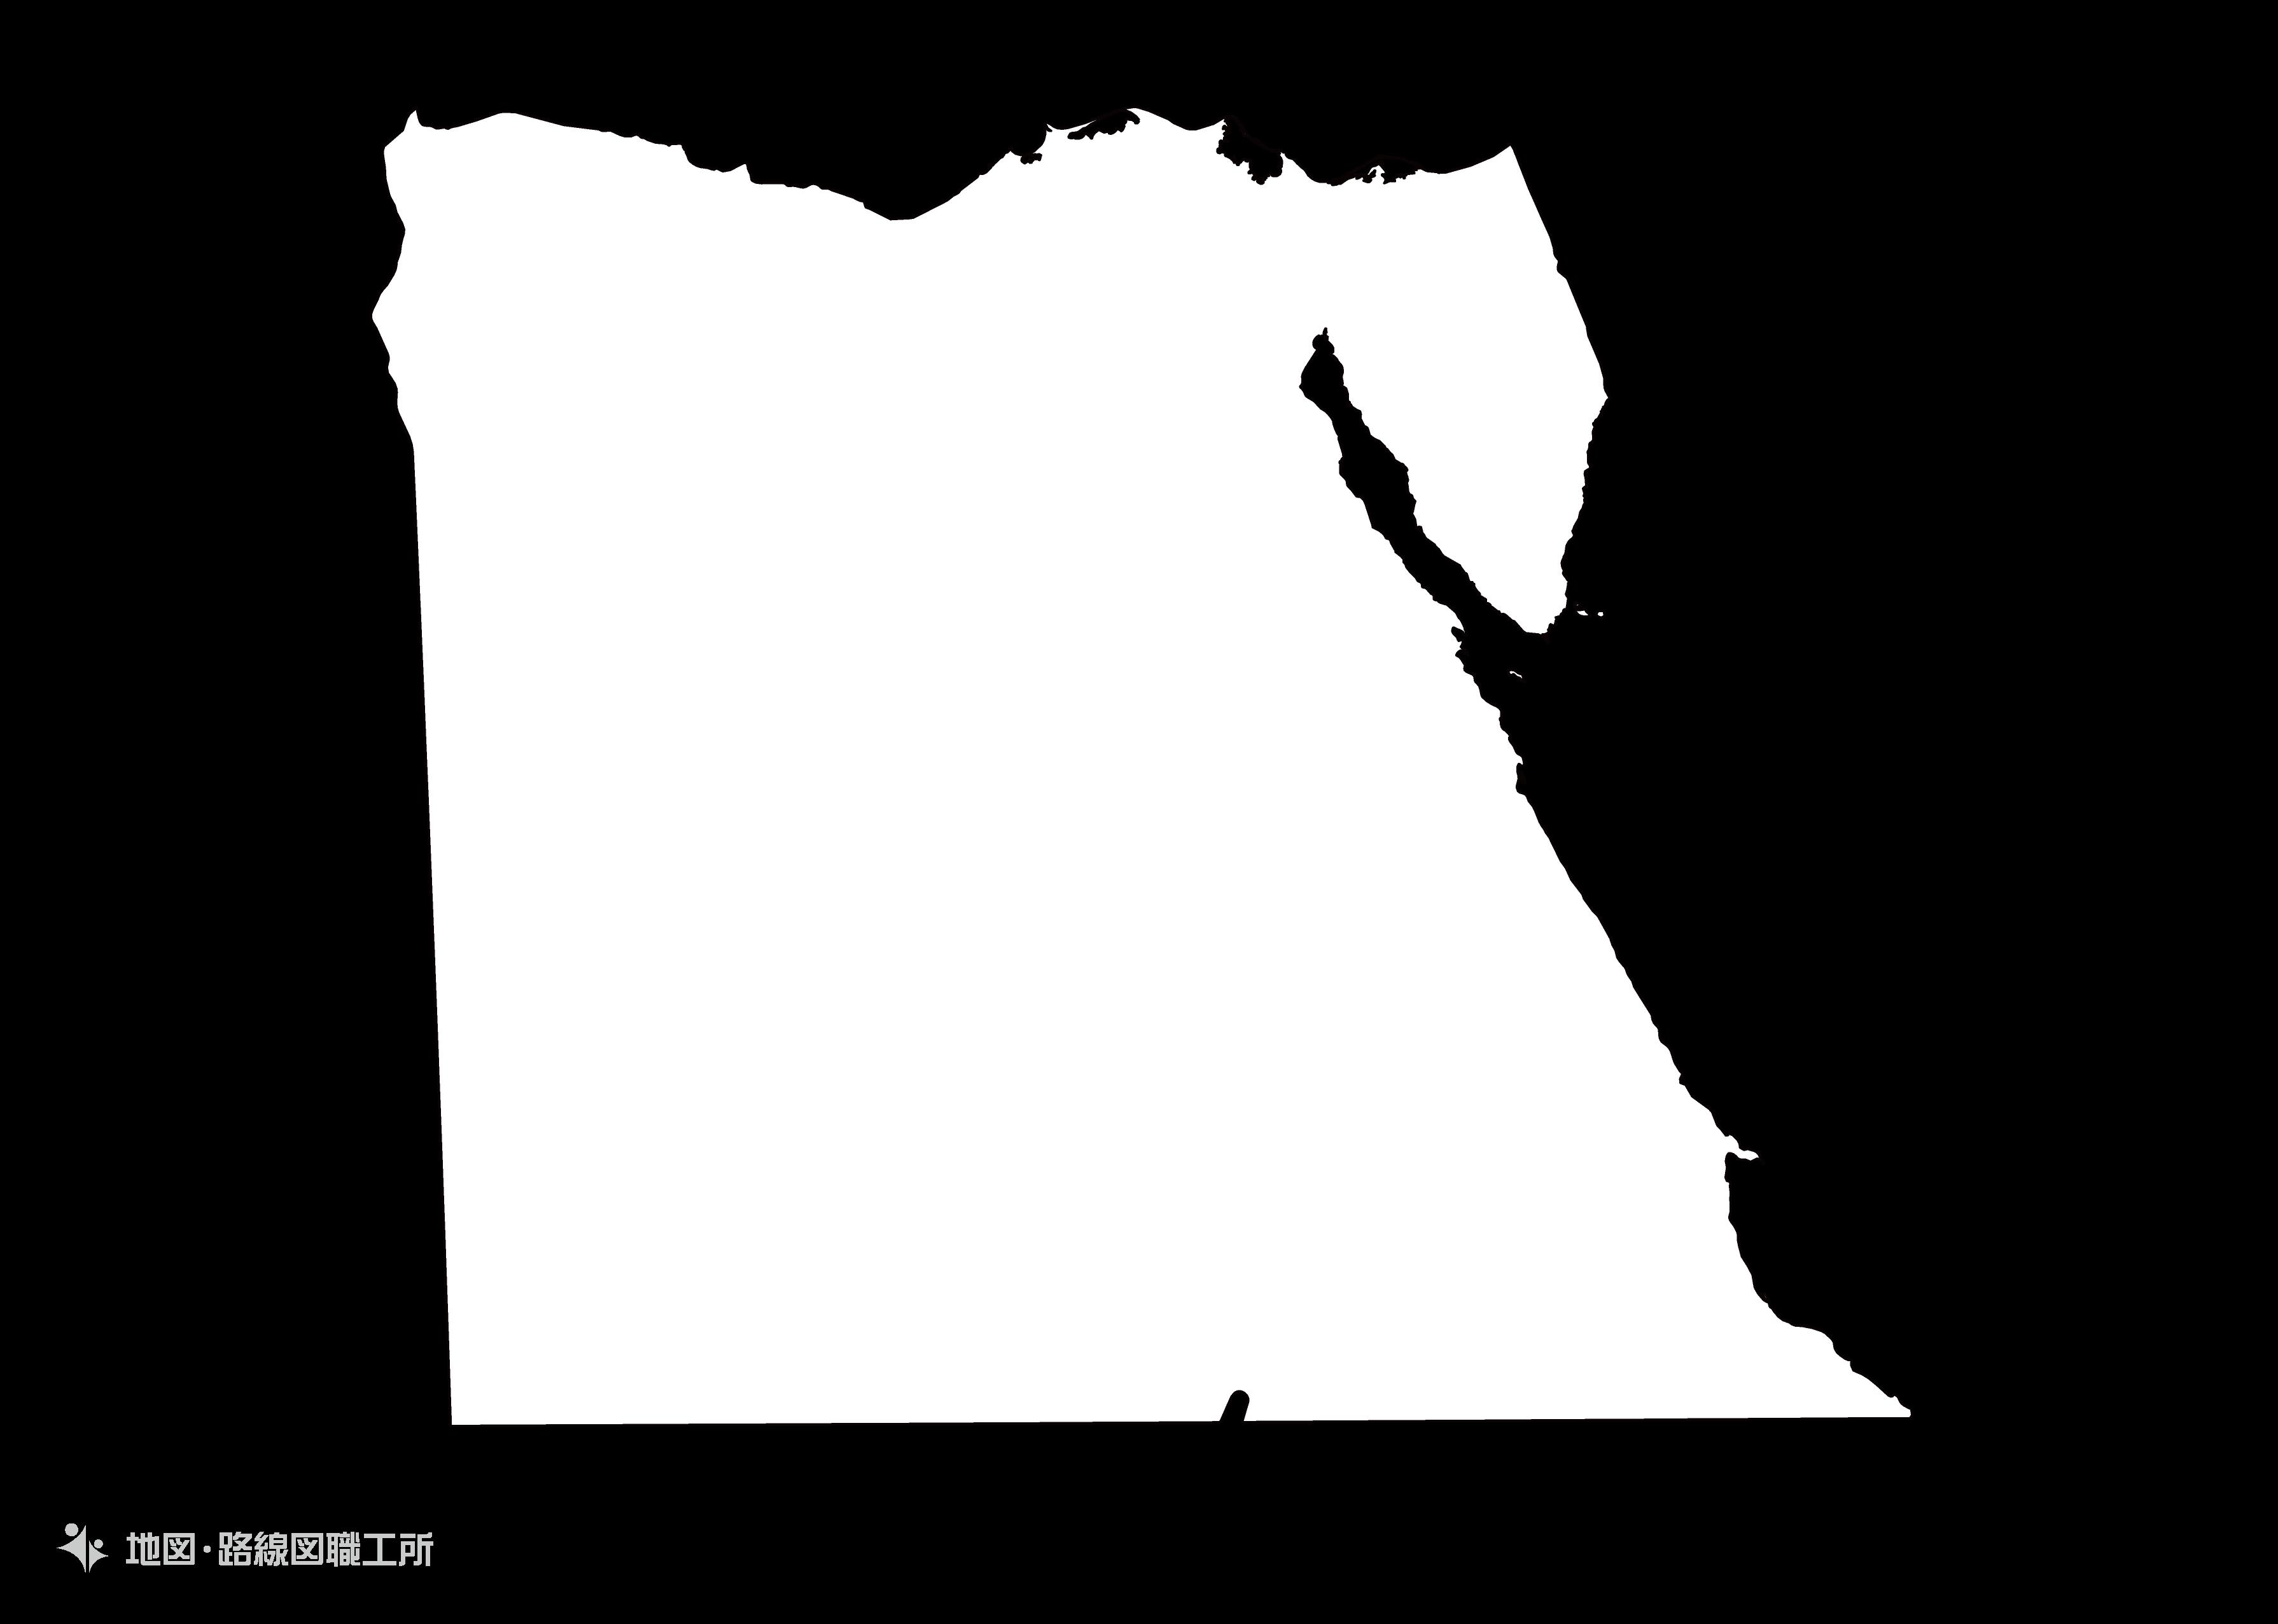 世界の白地図 エジプト・アラブ共和国 arab-republic-of-egypt map